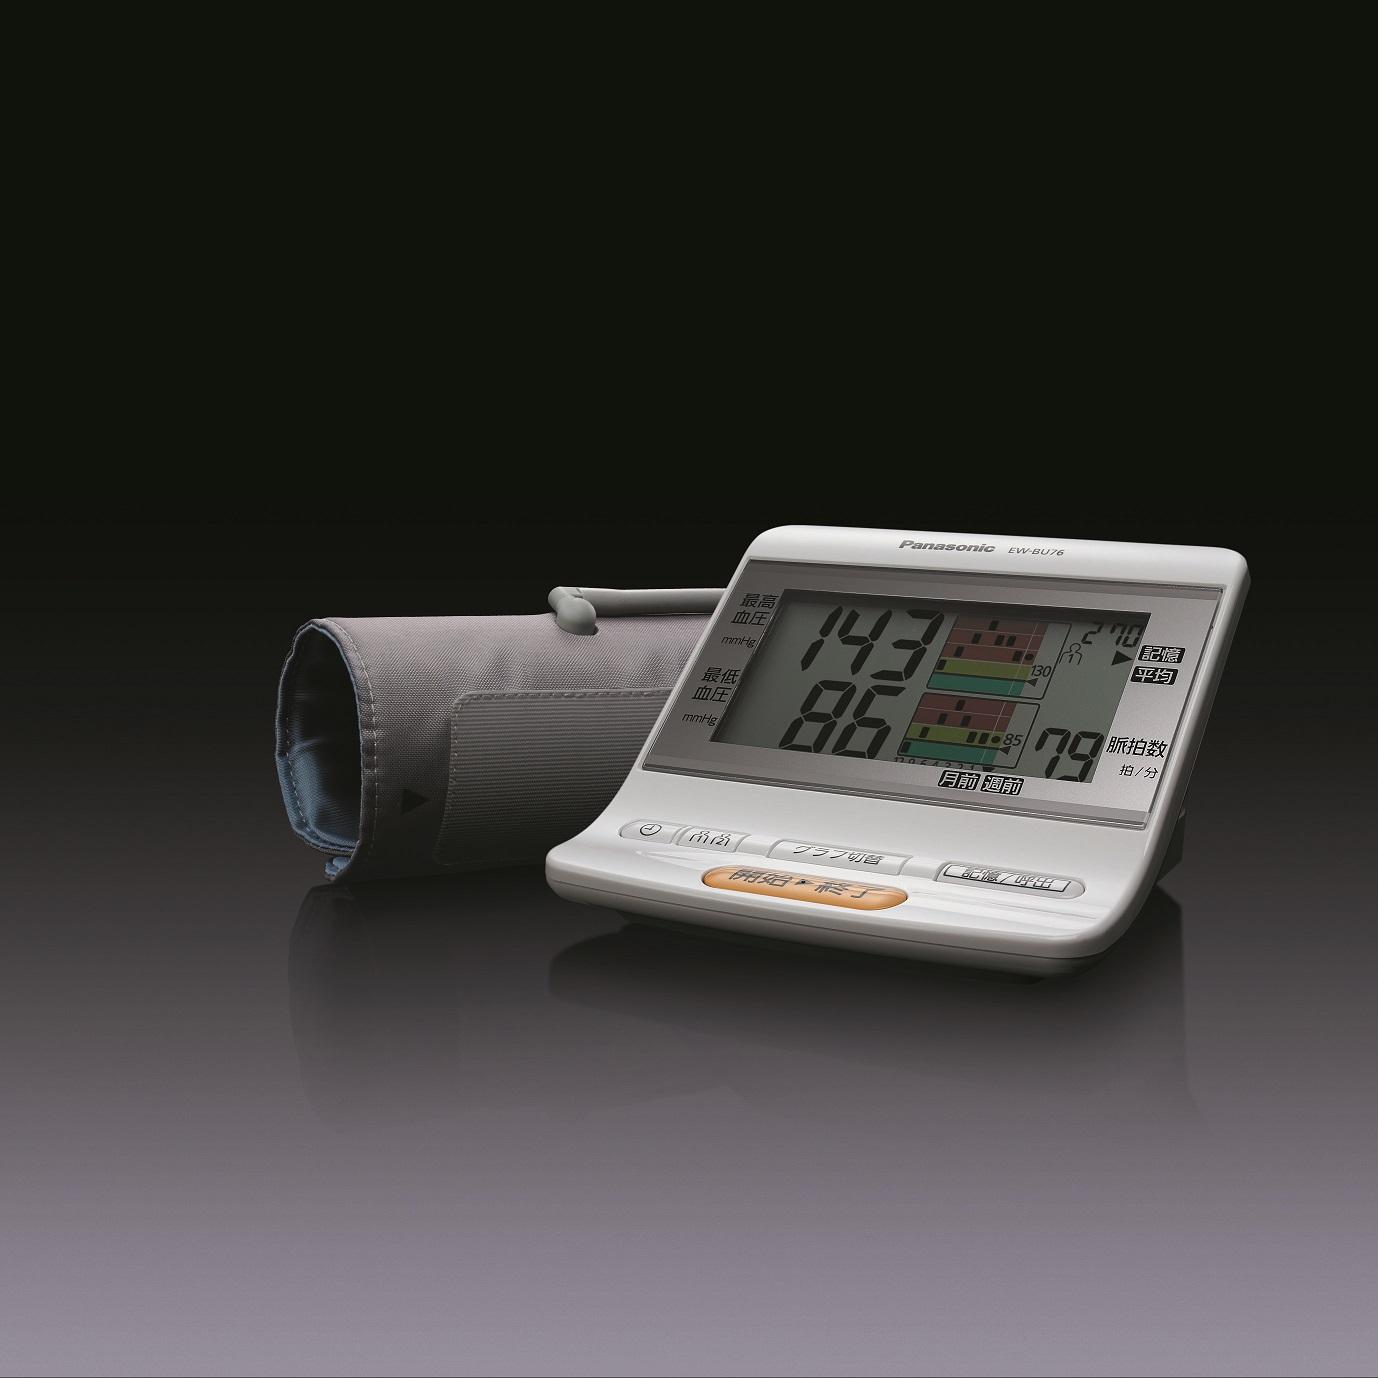 パナソニック 上腕血圧計 EW-BU76